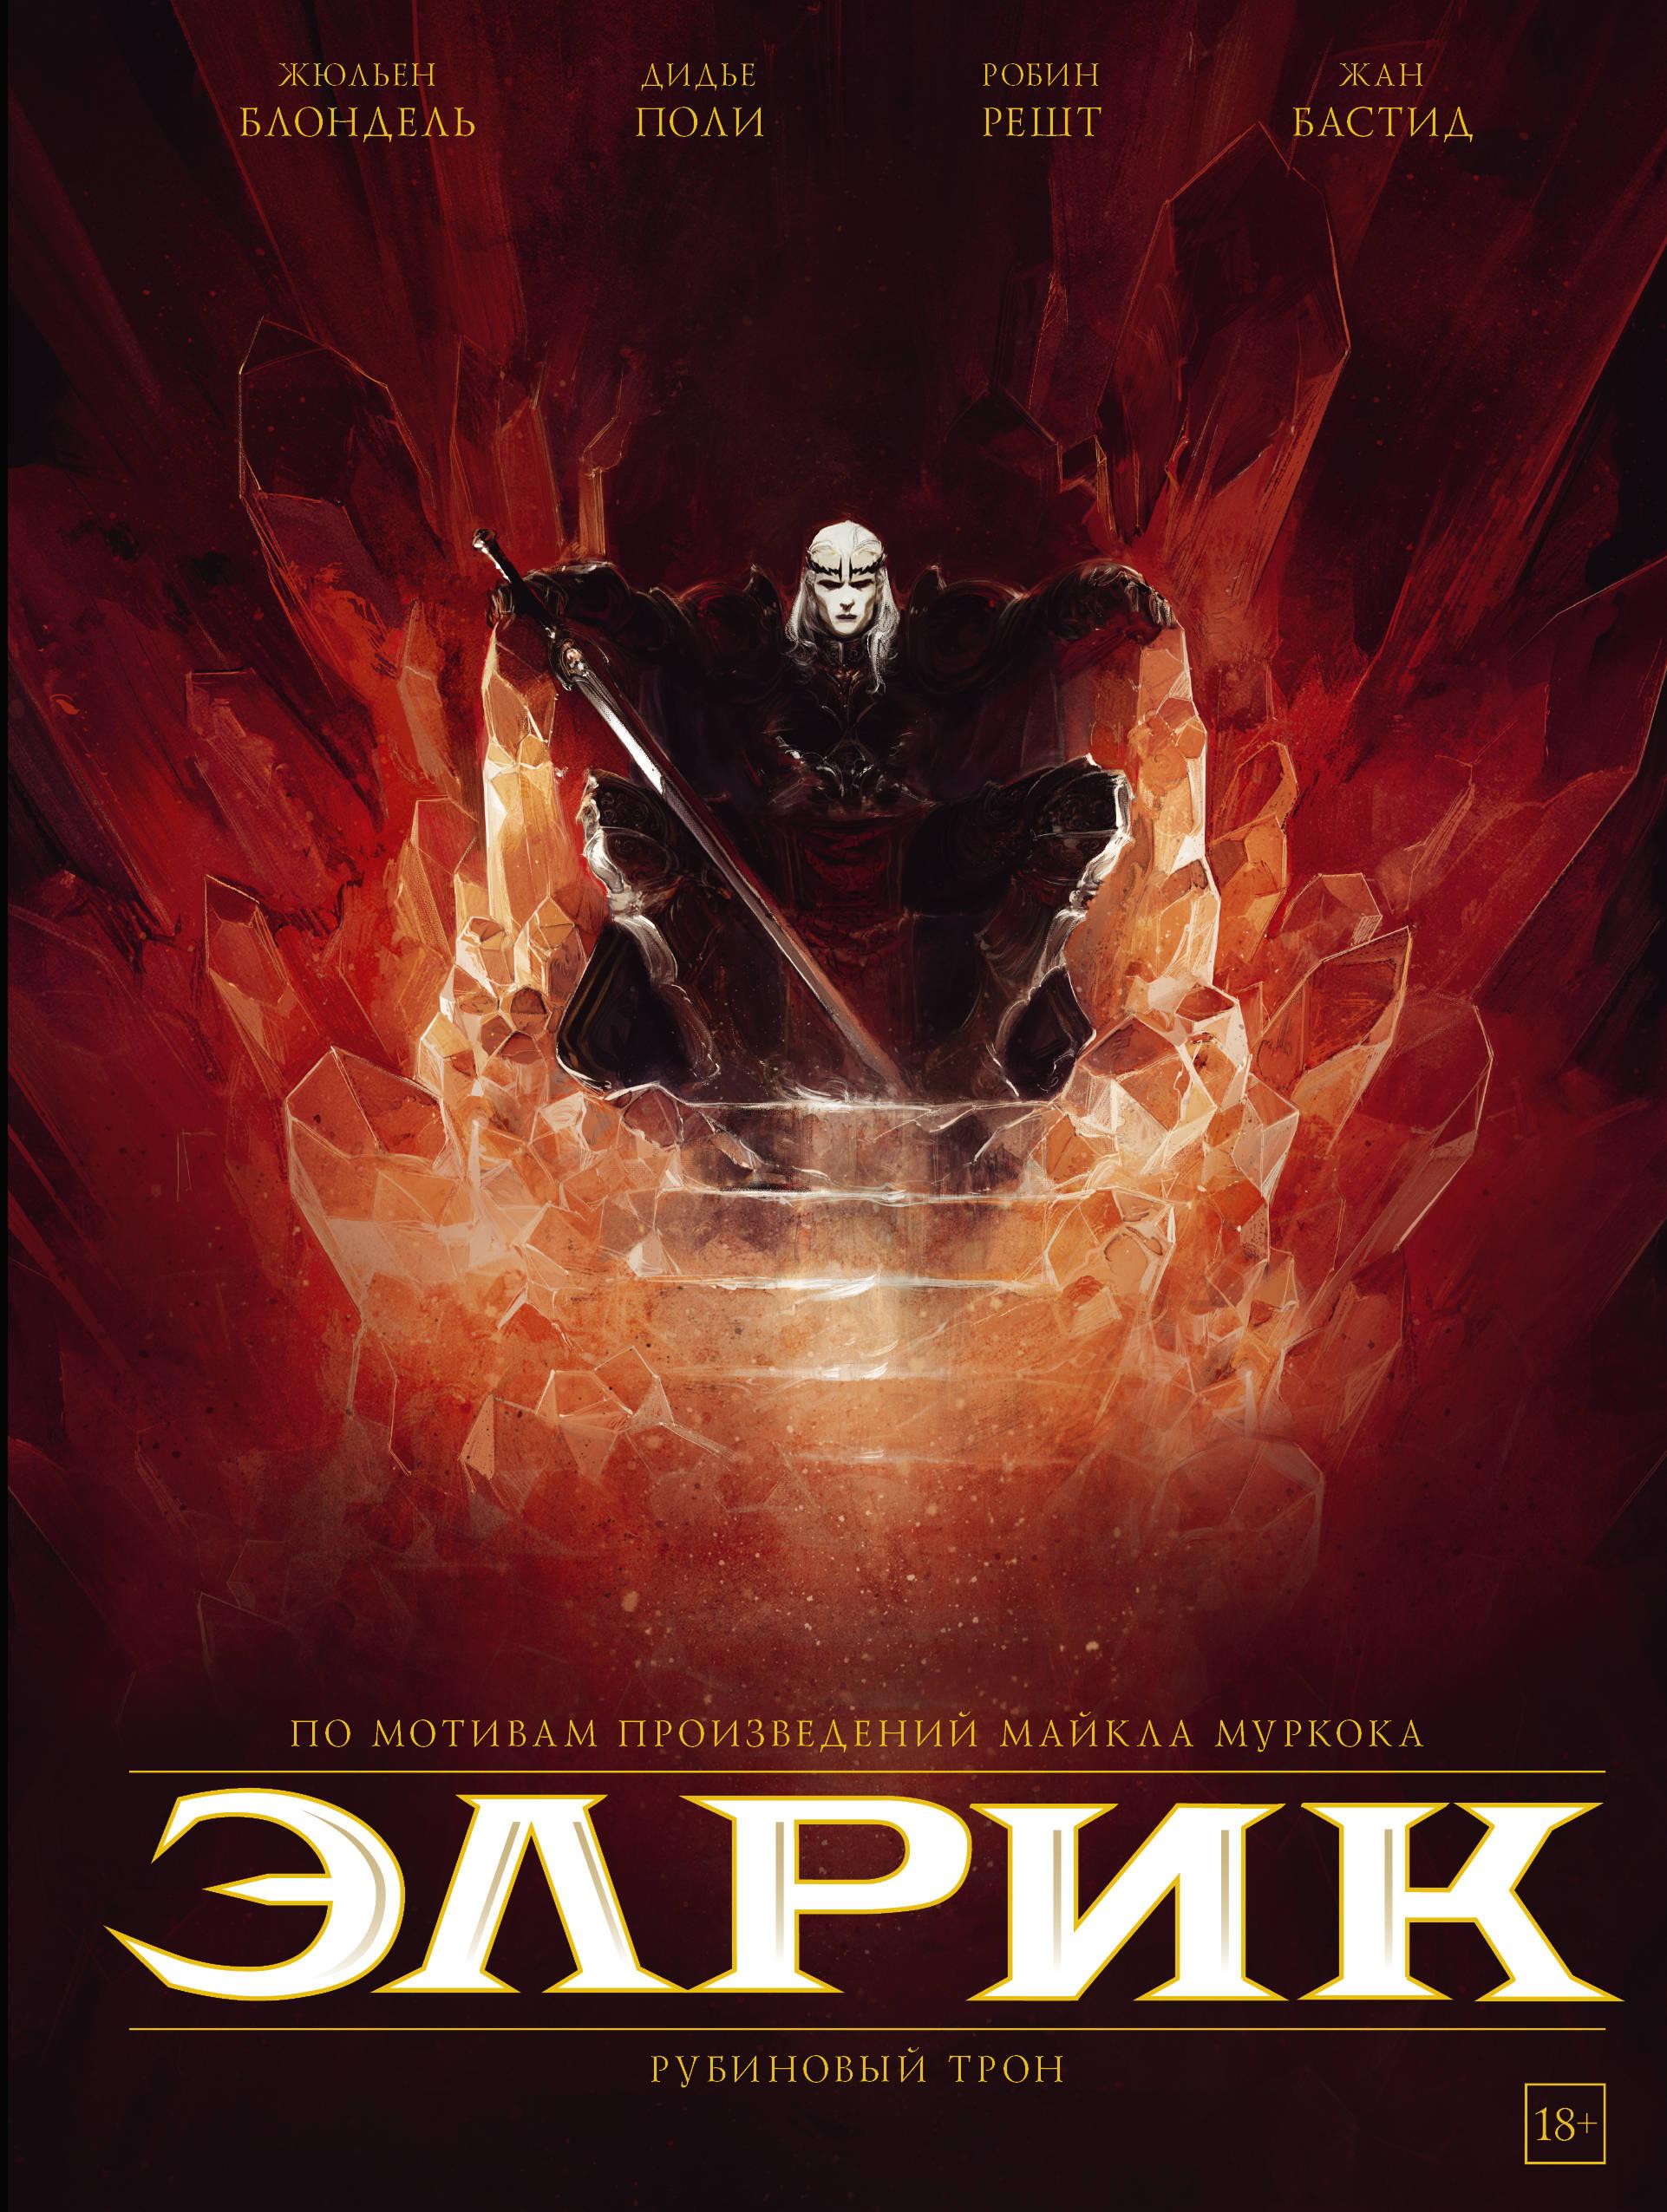 Комикс «Элрик. Рубиновый трон» (2013)